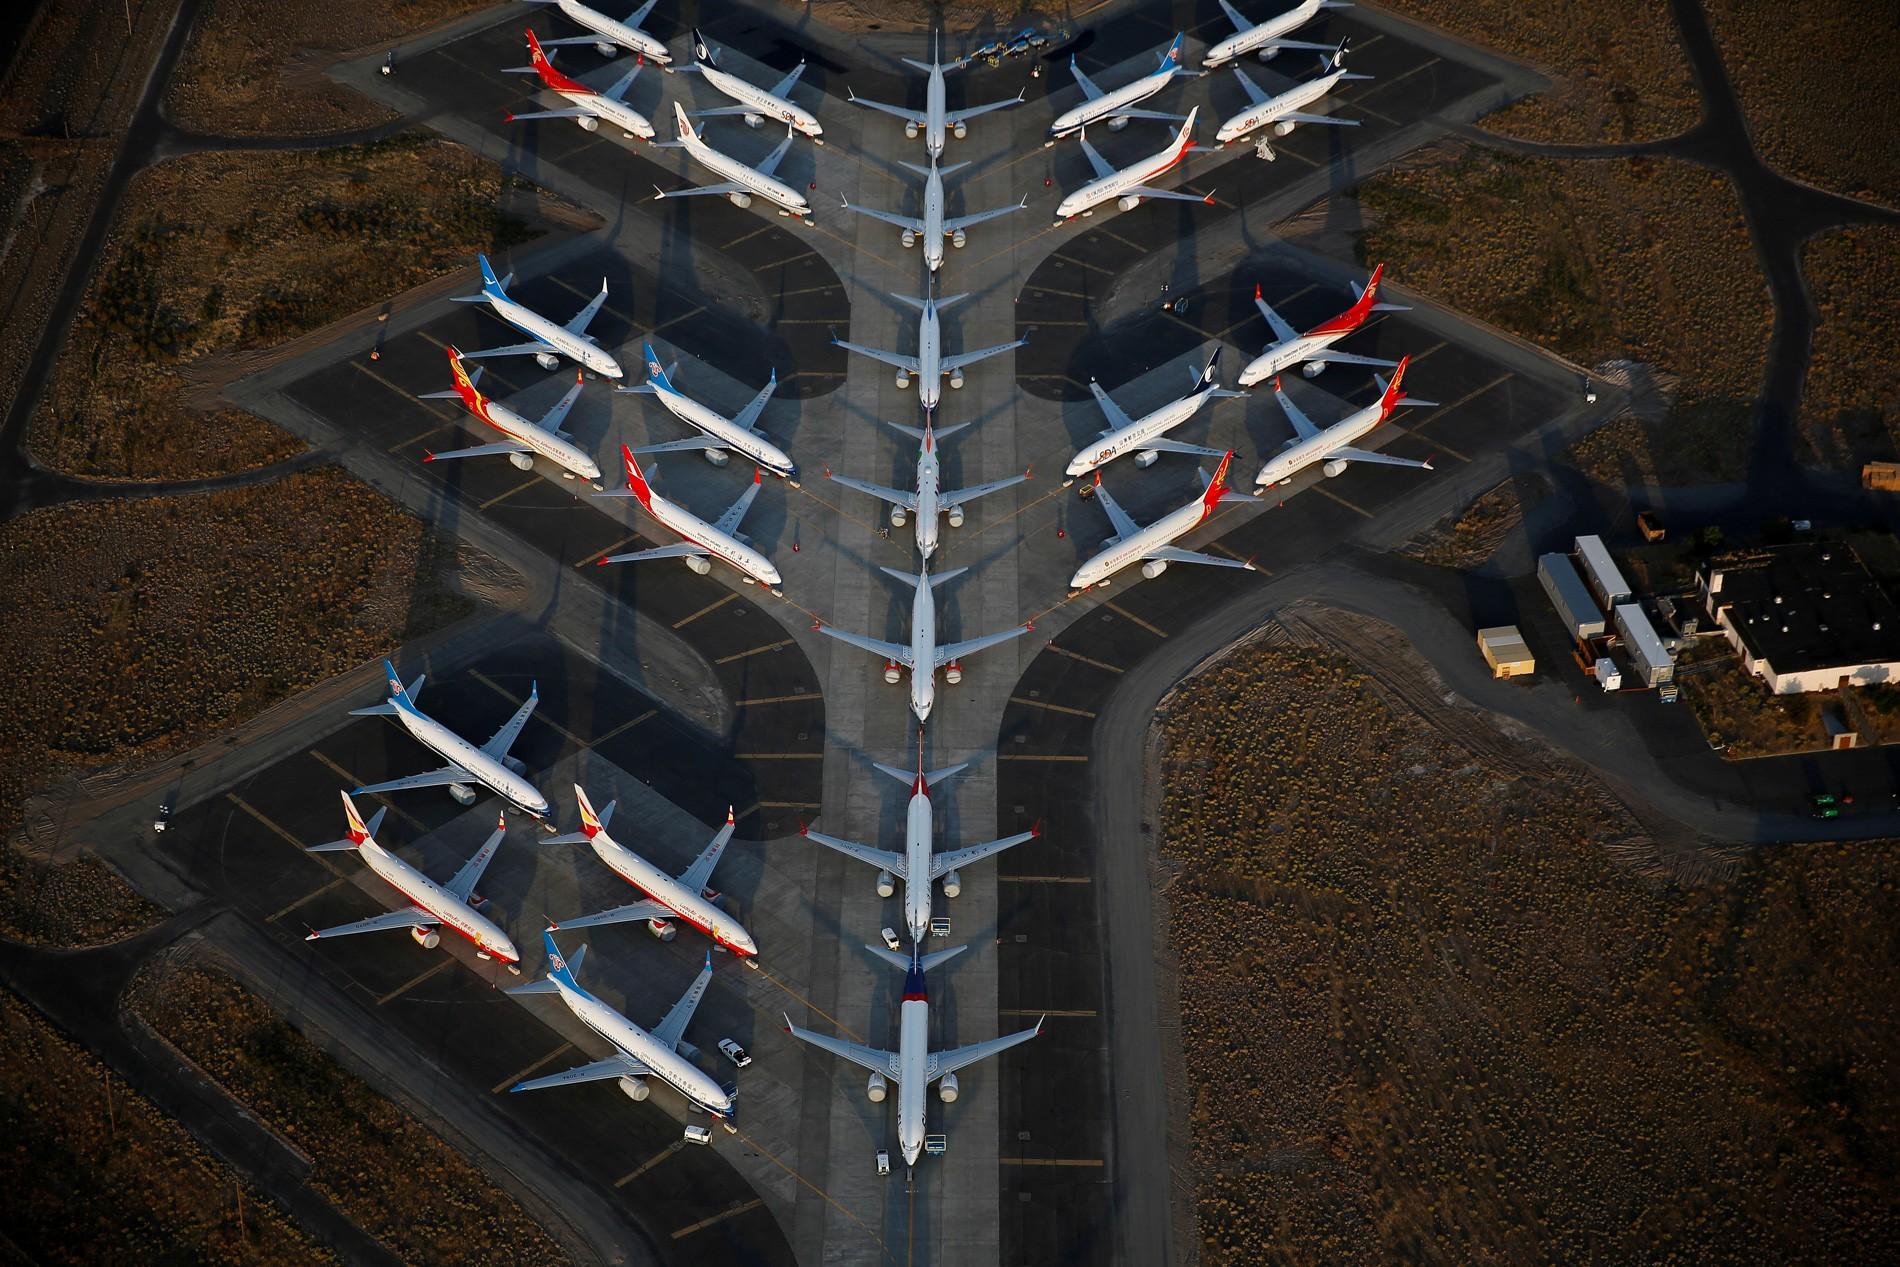 Canadá vai retirar proibição a voos do Boeing 737 MAX em 20 de janeiro